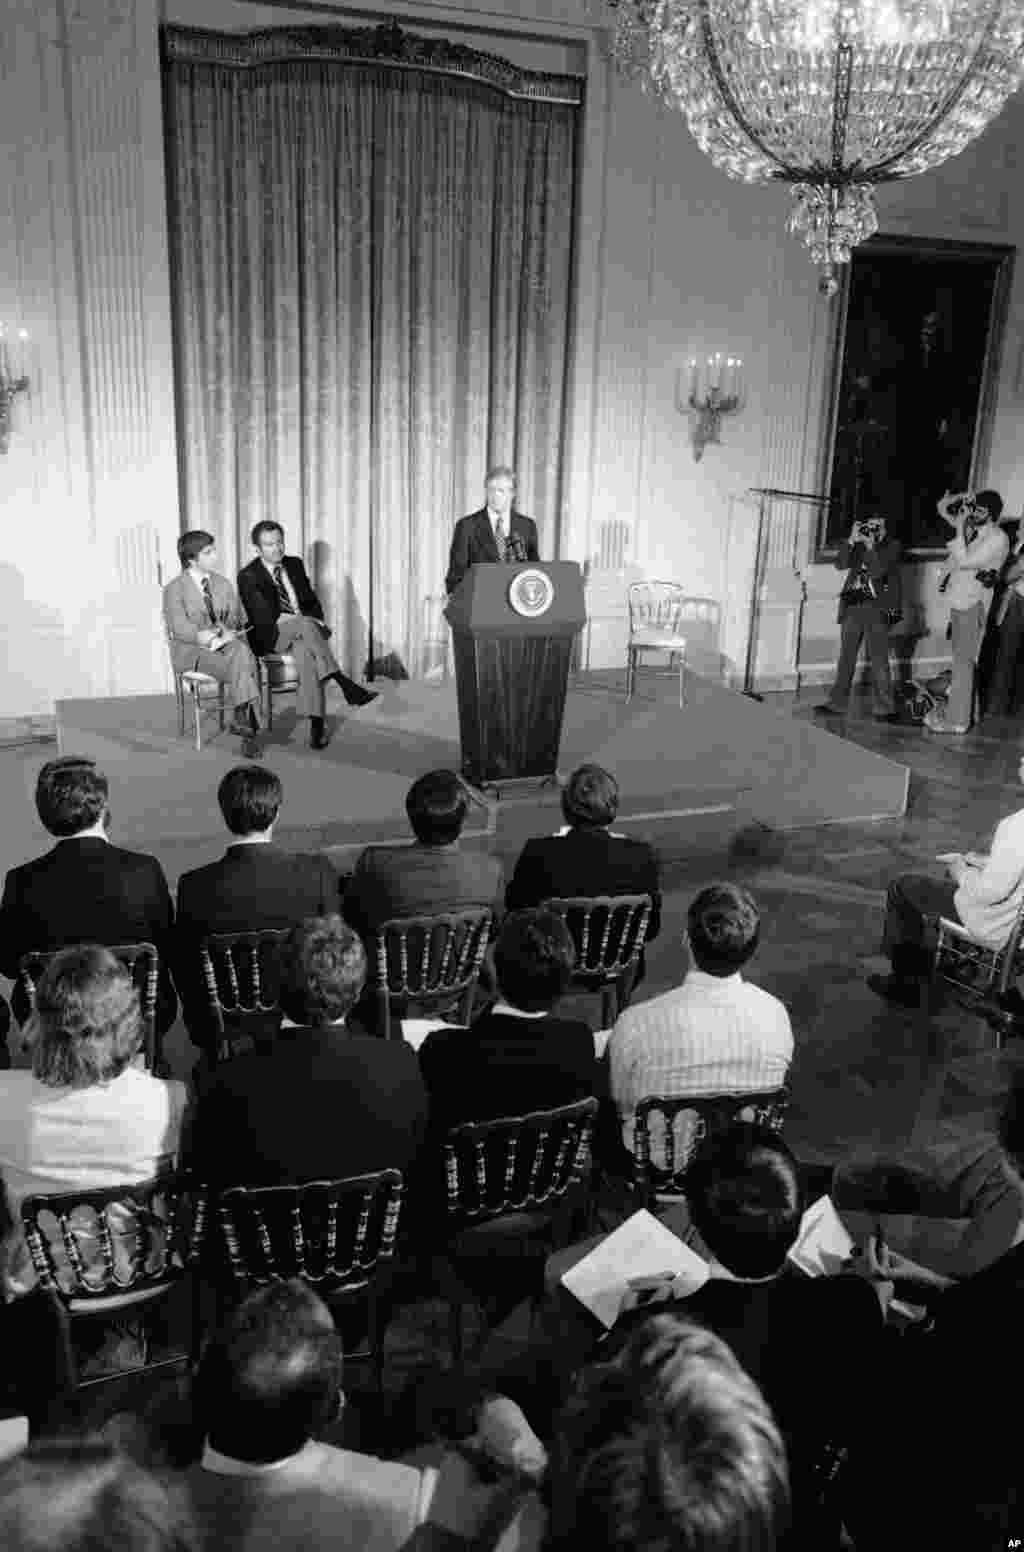 21 марта 1980 года. Президент США Джимми Картер обращается к спортсменам, которым предстоит участвовать в Играх в Москве. Картер просил атлетов поддержать предложенный бойкот Олимпиады в ответ на начало афганской кампании.